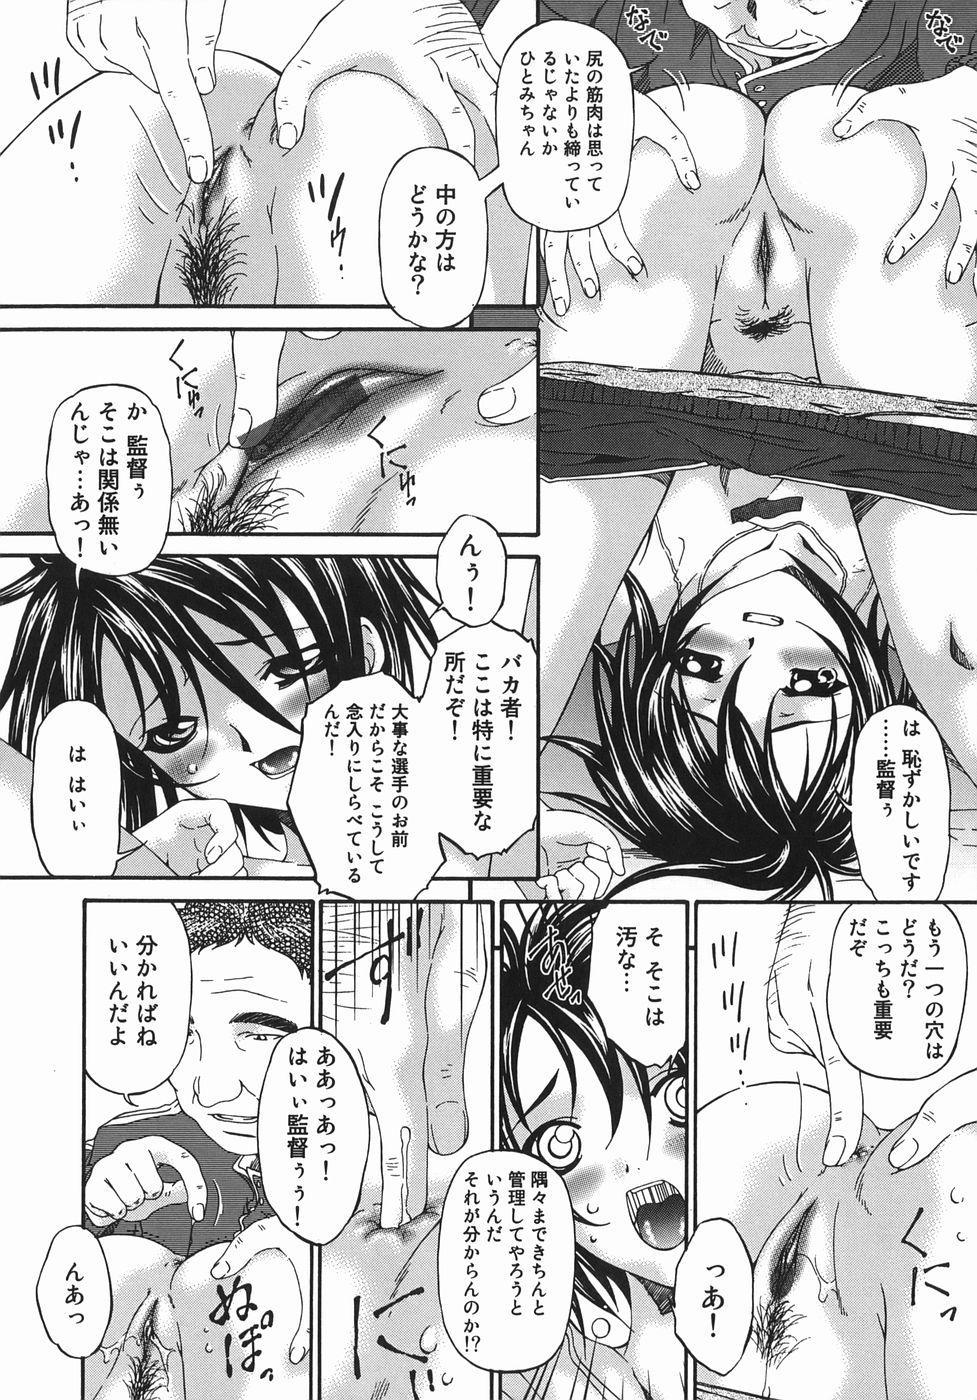 Hensachi ZERO kara no Seiteki Kyouiku 135